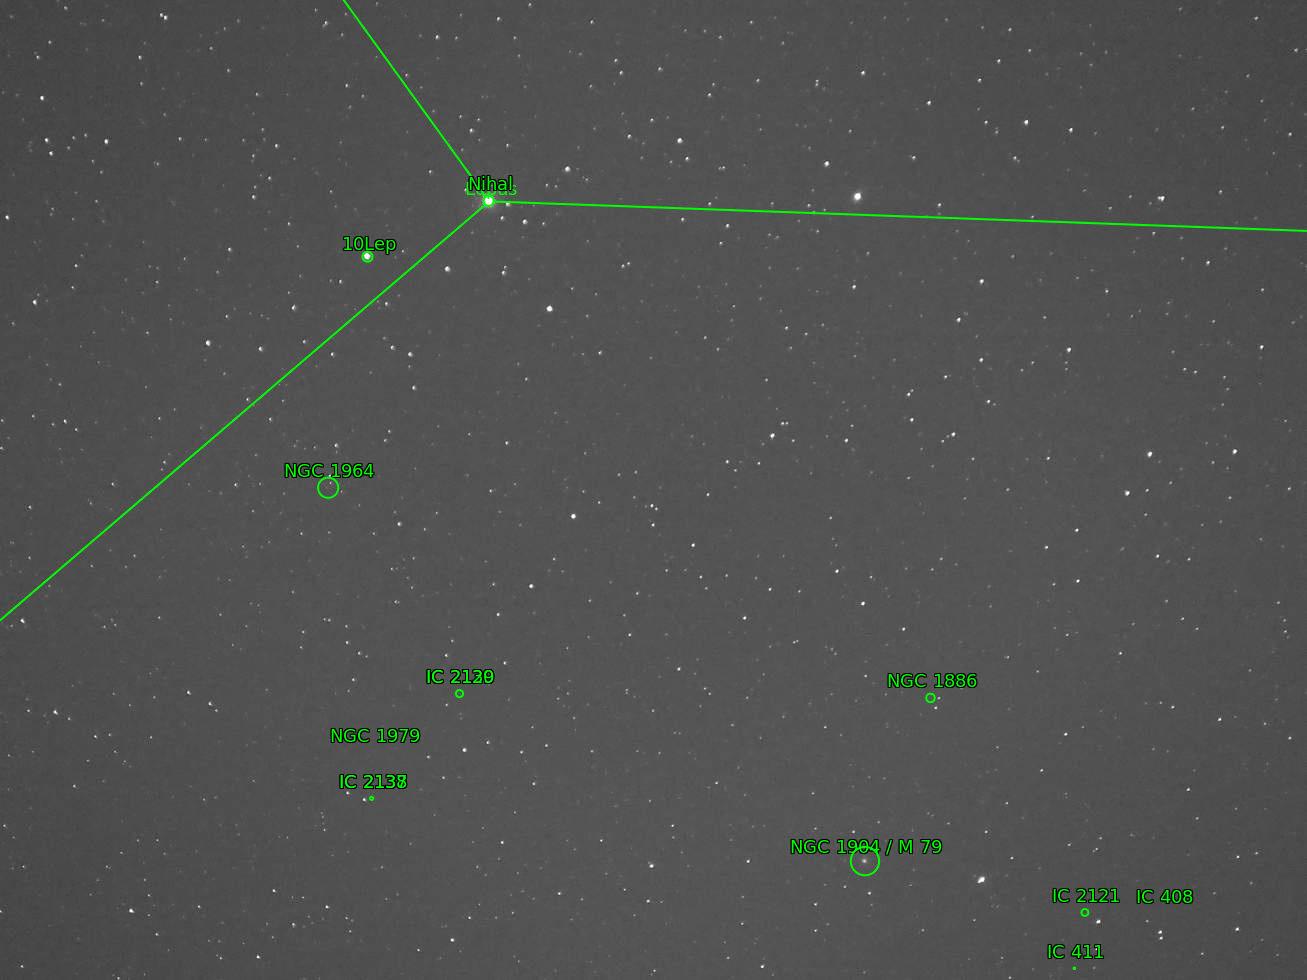 M79_01-opis.jpg